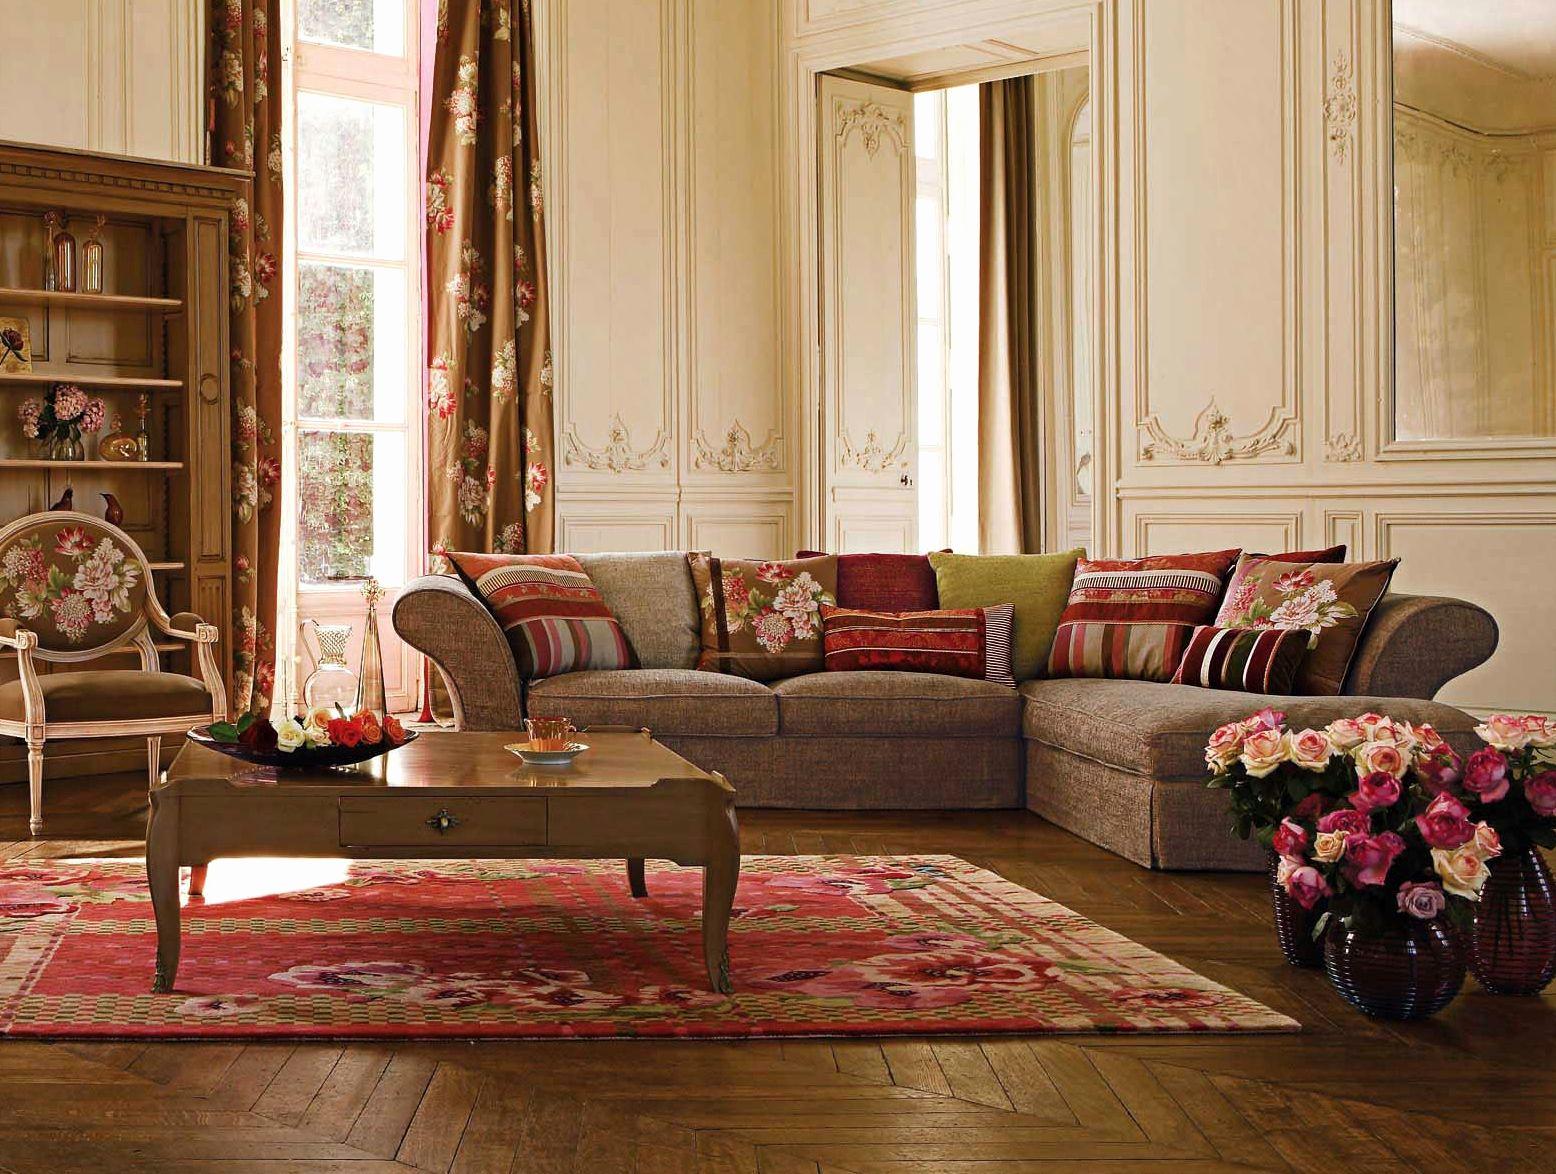 Canape Roche Bobois Degriffe Beau Images 32 Meilleur De Collection De Roche Bobois Buffet